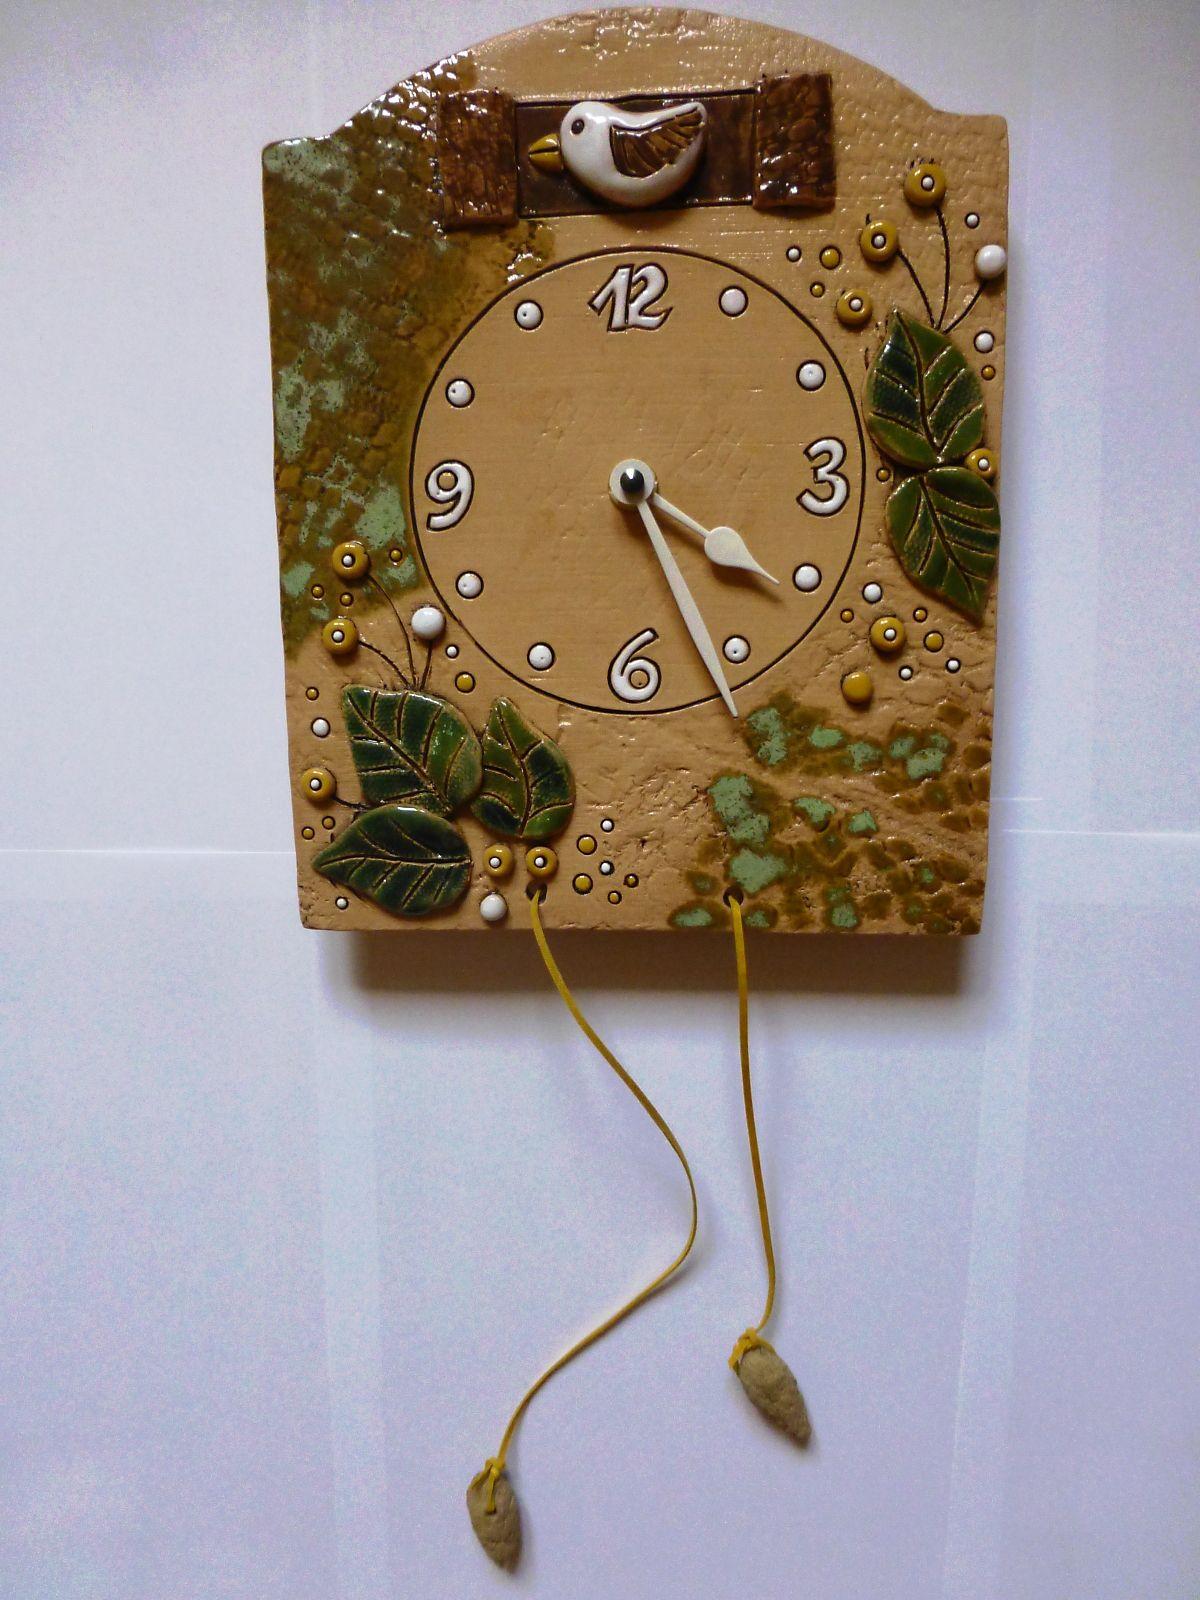 autorské hodiny Nástěnné hodiny keramické s kukačkou, hodiny na zeď keramické hodiny kukačky 1